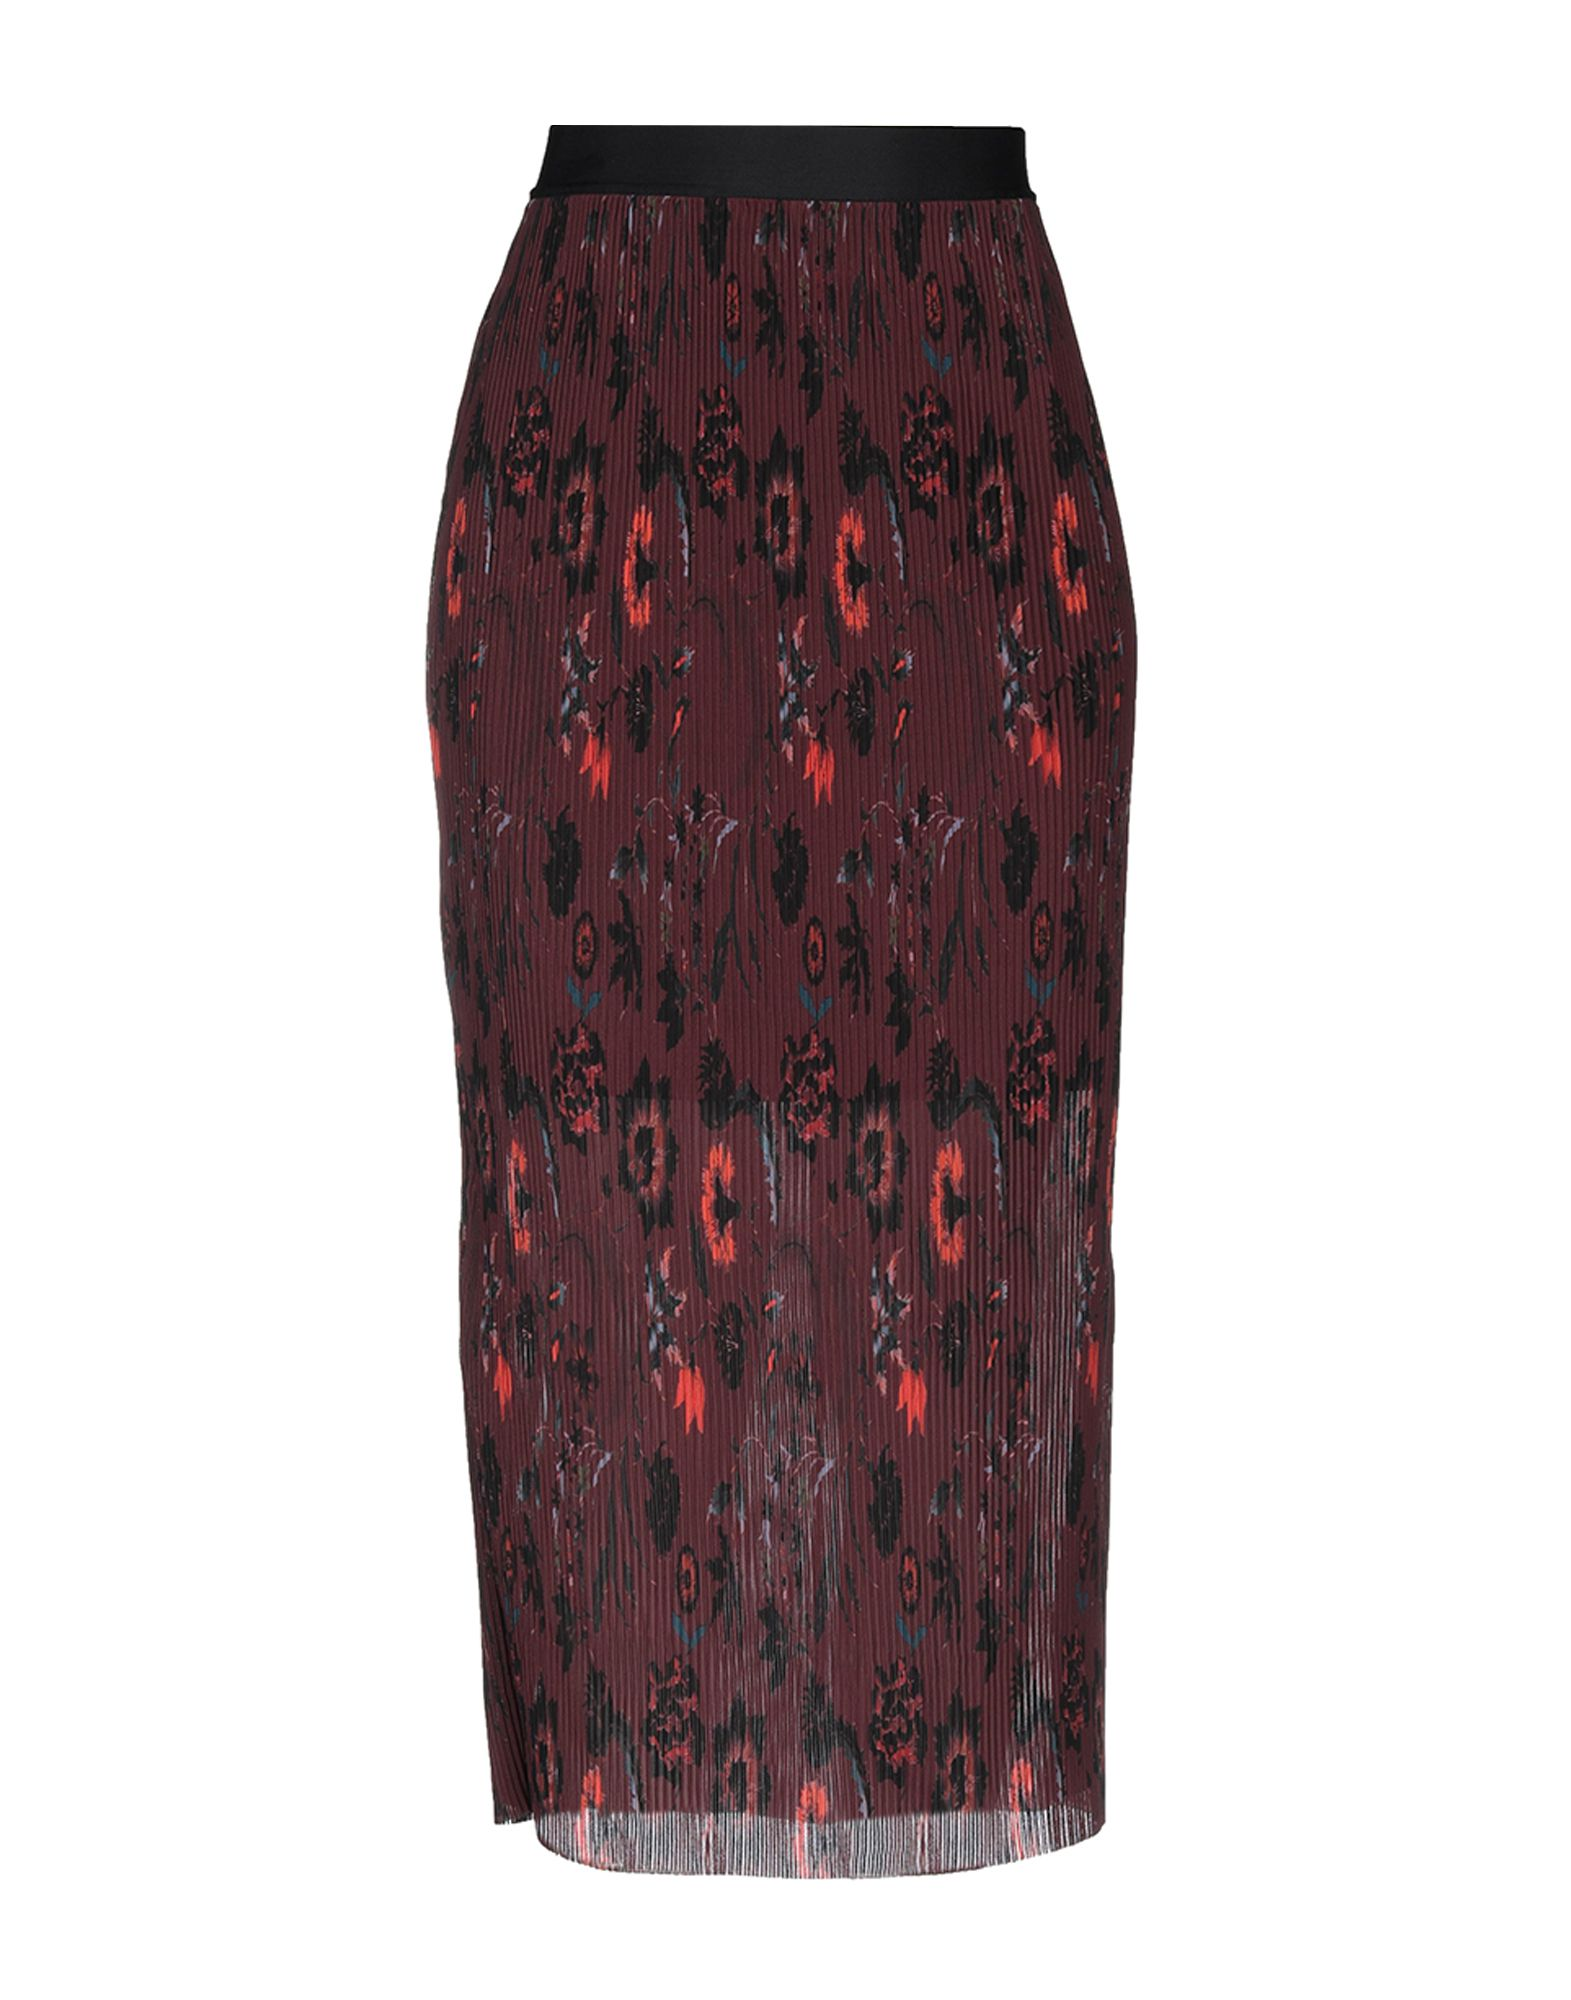 SANDRO Длинная юбка sandro джинсовая юбка с декоративной шнуровкой page 3